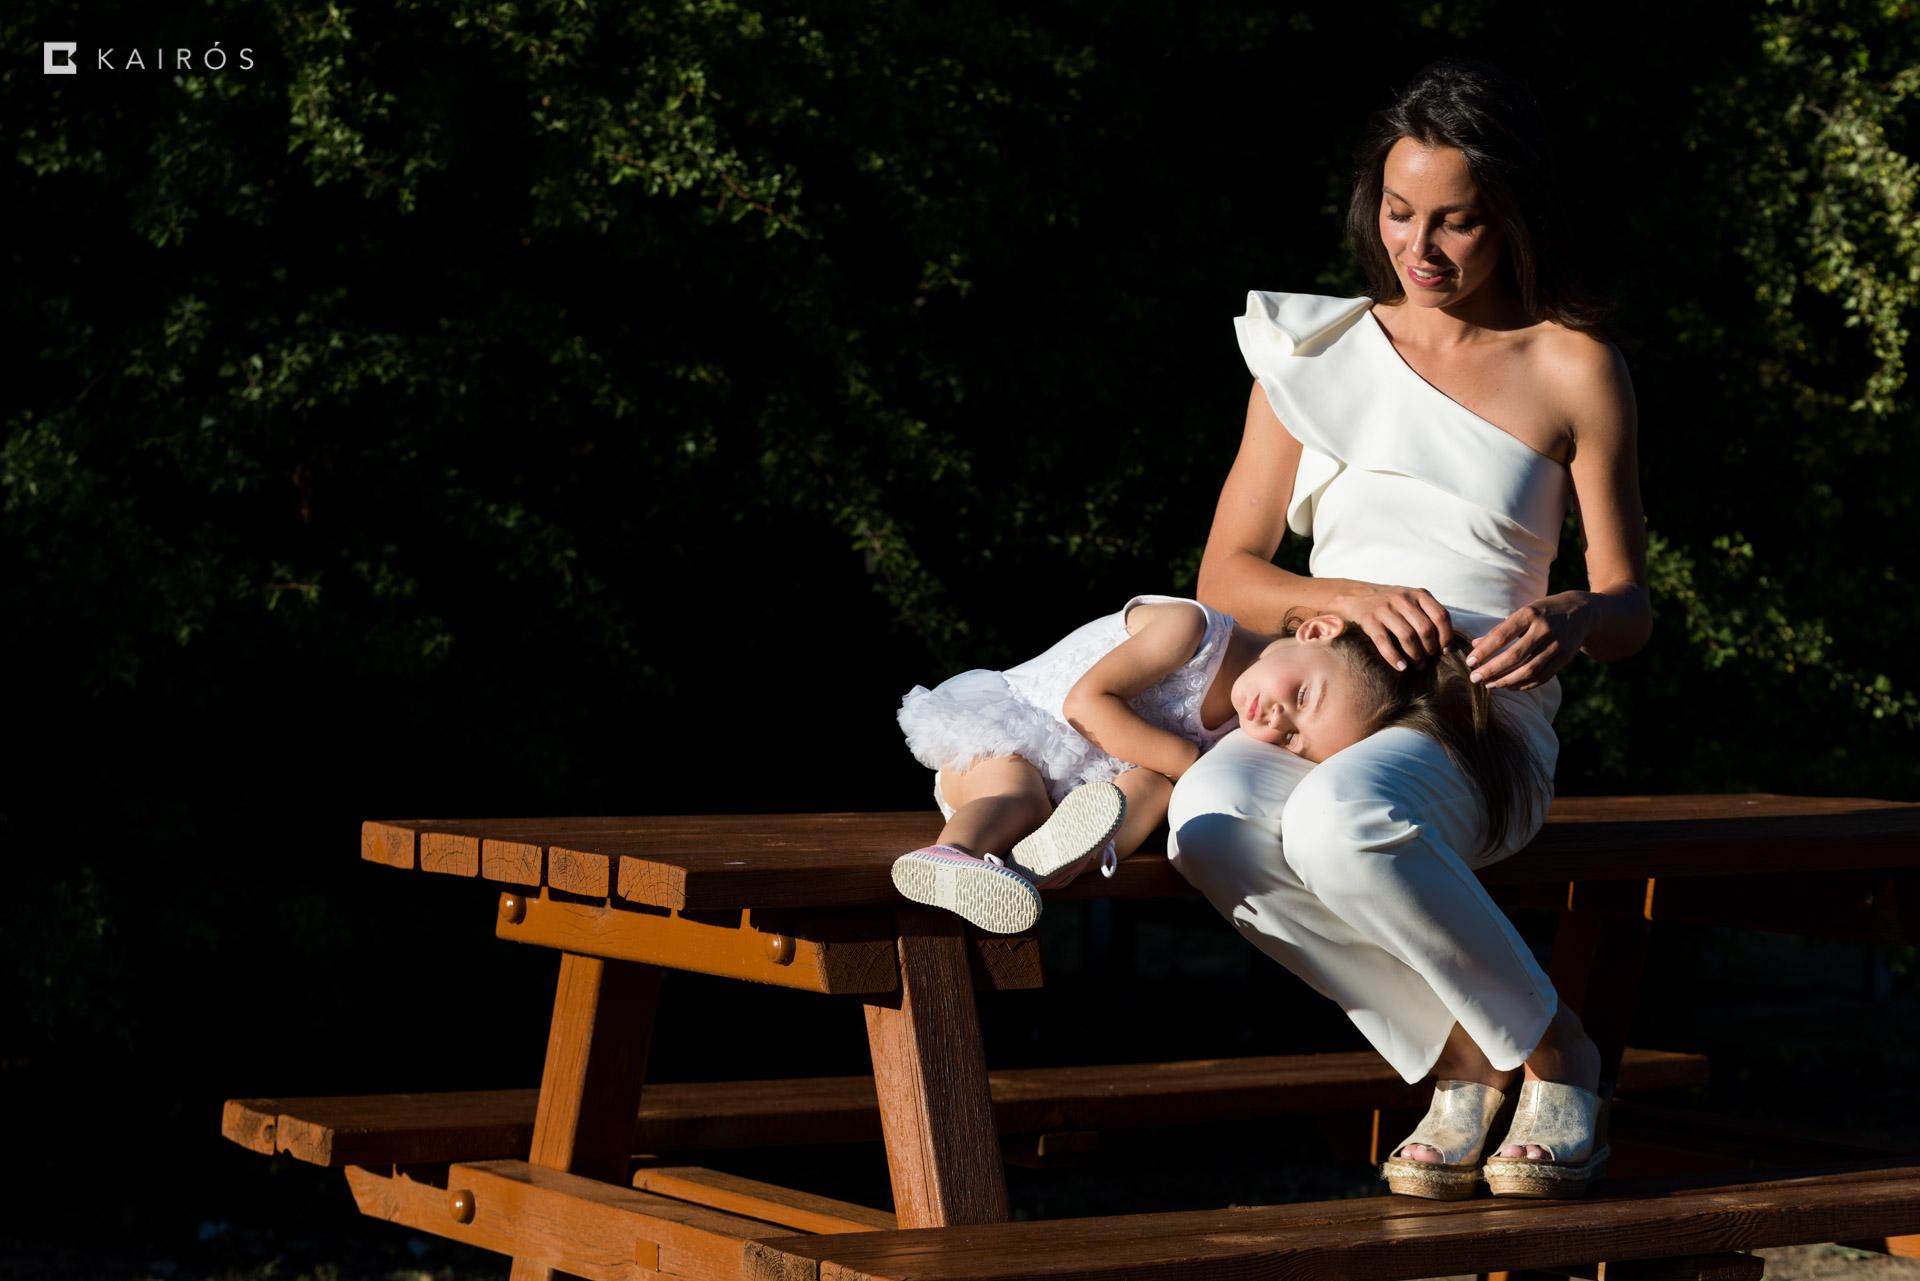 Reportaje fotográfico de familia en Valladolid